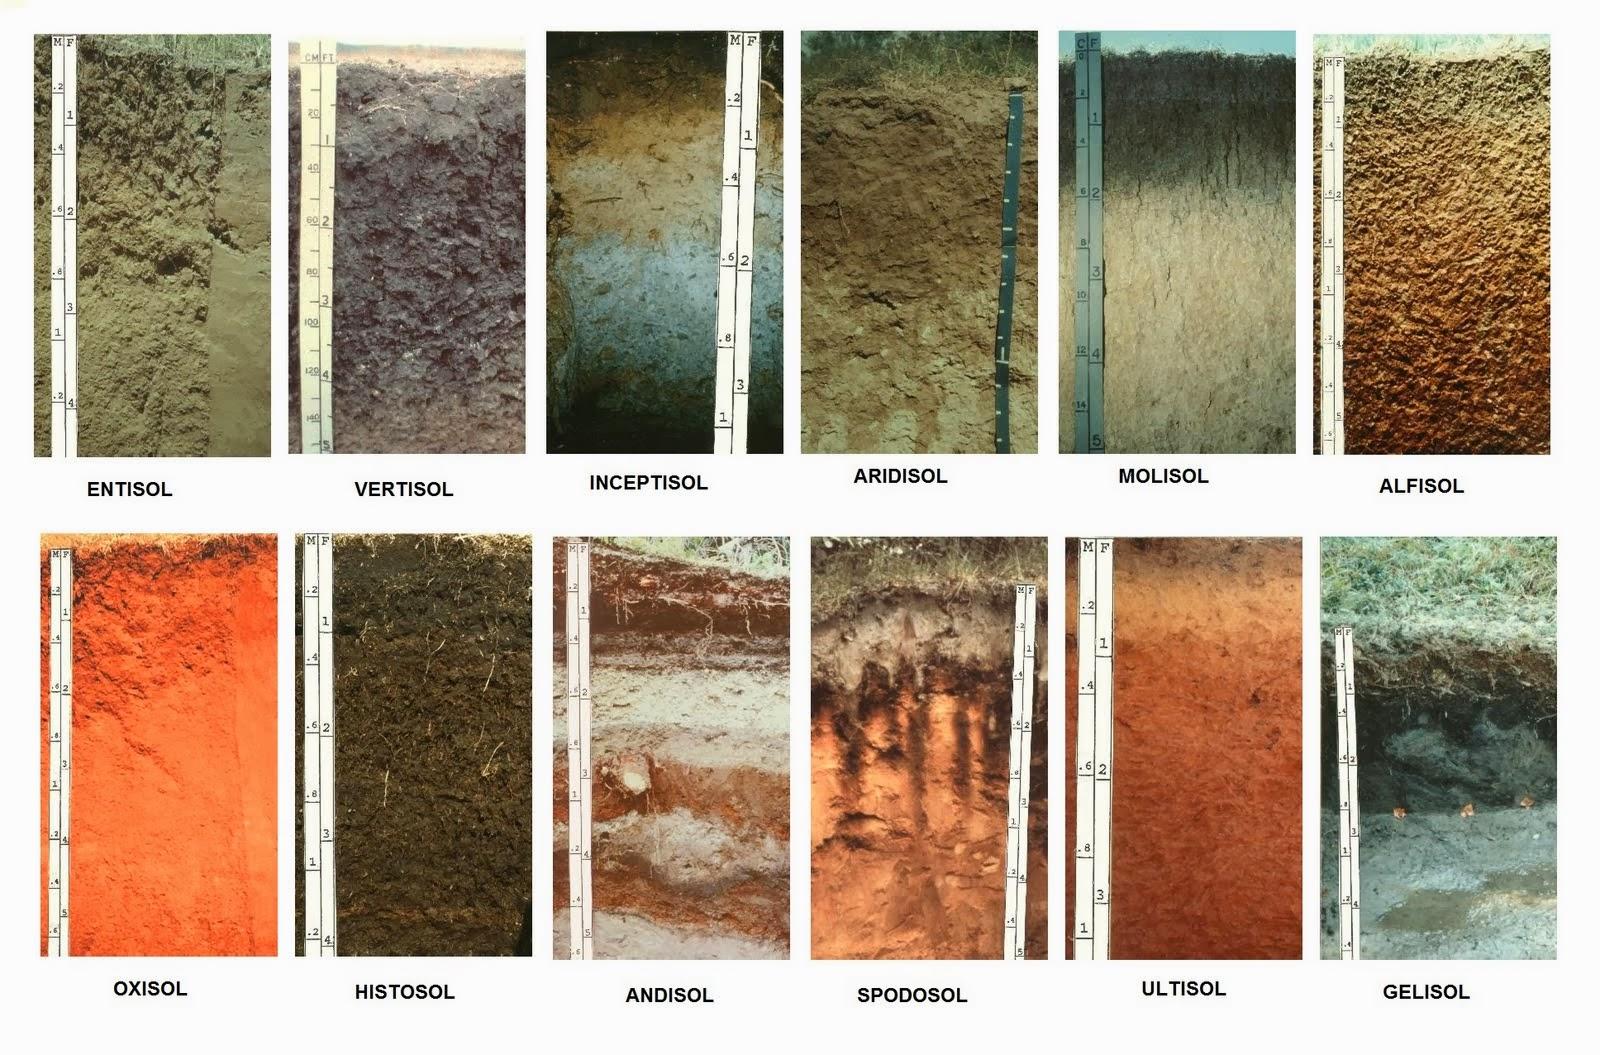 clasificacion de suelos-2